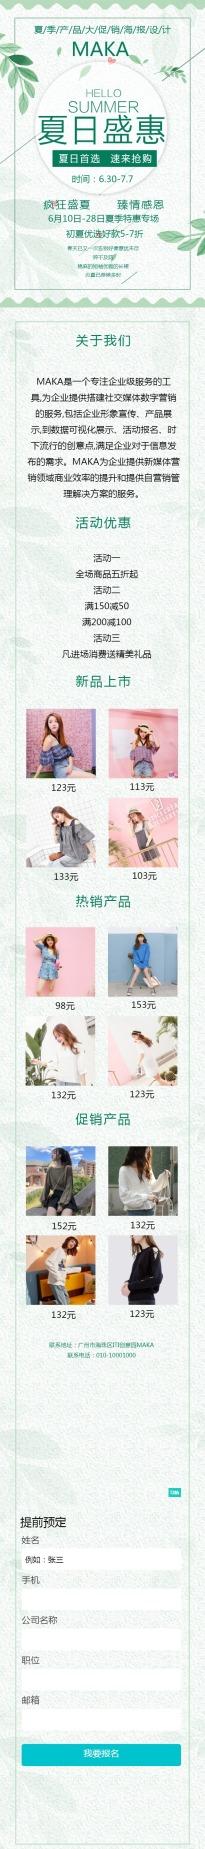 清新文艺店铺商家产品促销宣传活动单页